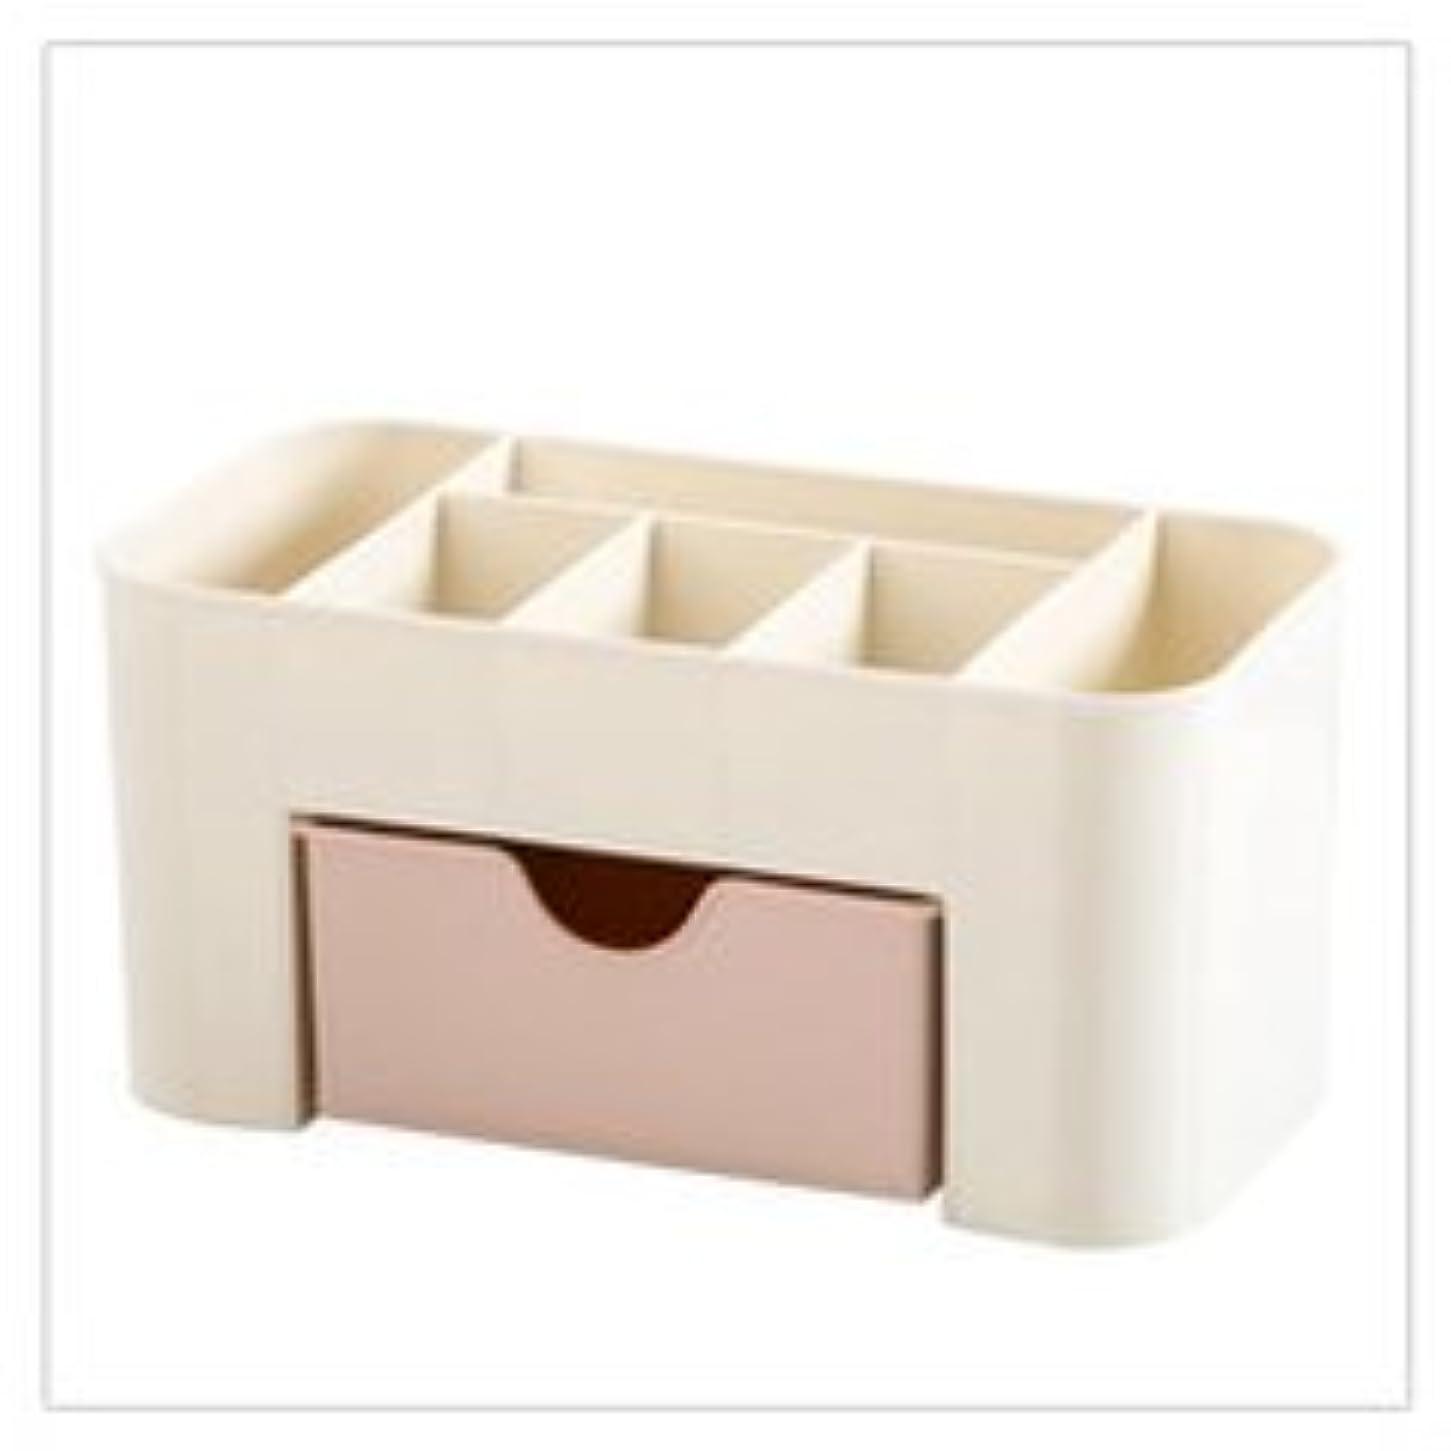 俳優体操選手大化粧品収納ボックス化粧品引き出し仕上げボックスデスクトップジュエリースキンケアパックフレームドレッサー (Color : ピンク)